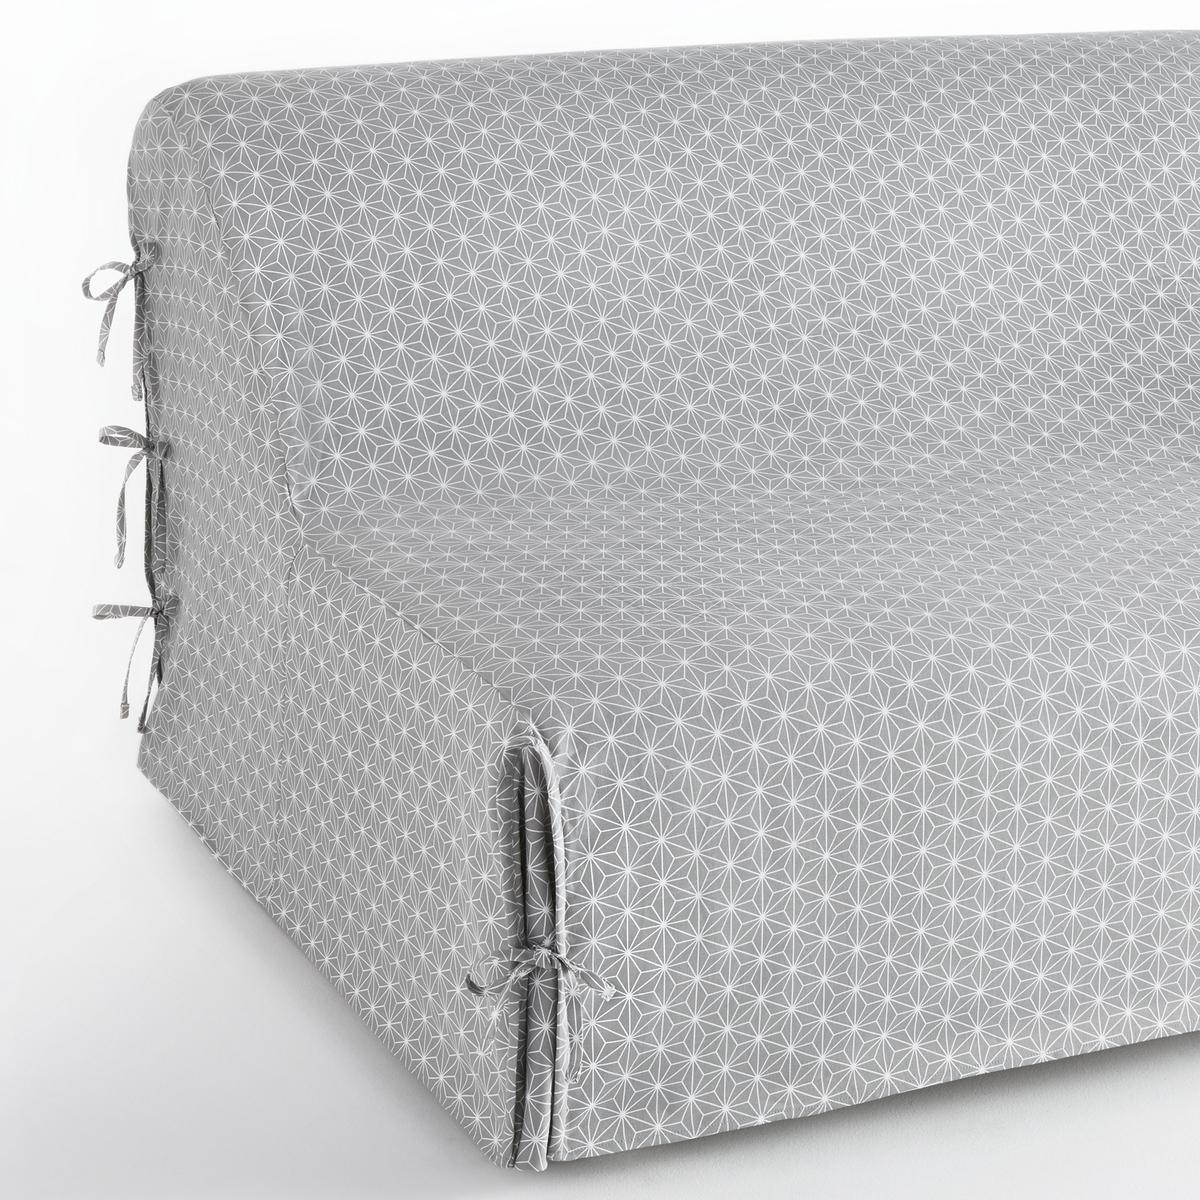 цена Чехол La Redoute Для раскладного дивана LOZANGE 140 см серый онлайн в 2017 году